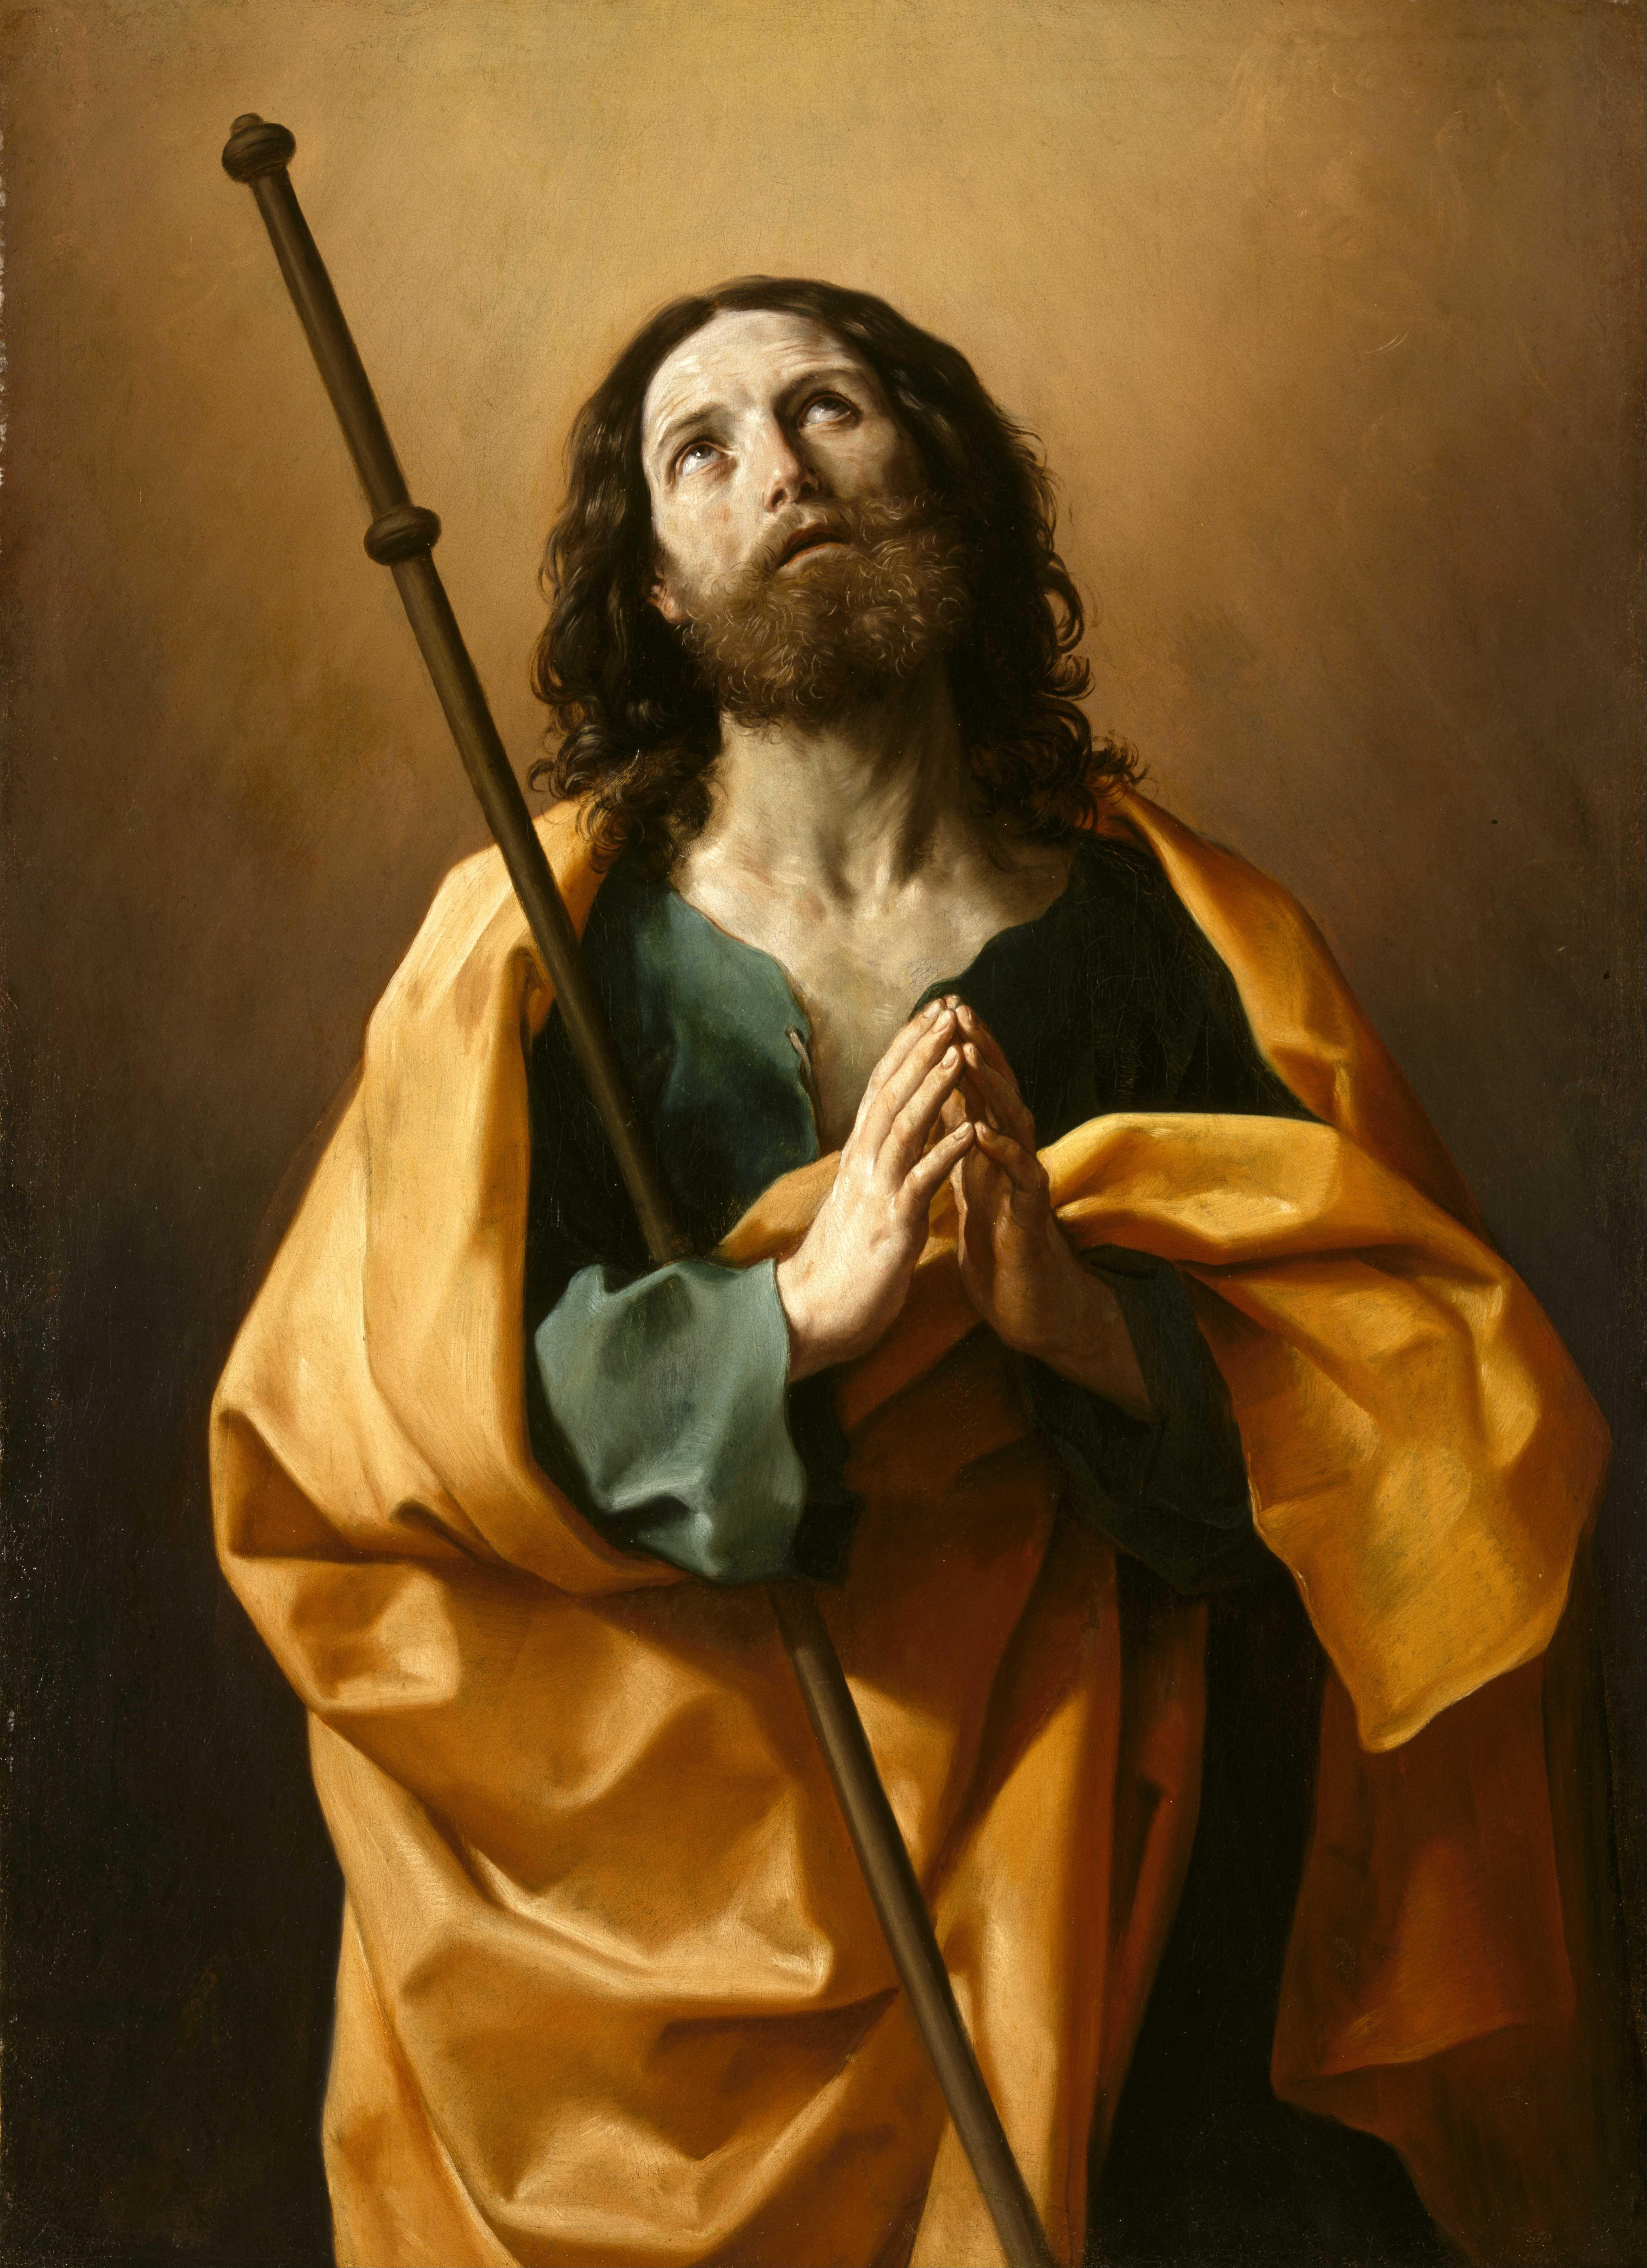 San Giacomo dipinto da Guido Reni